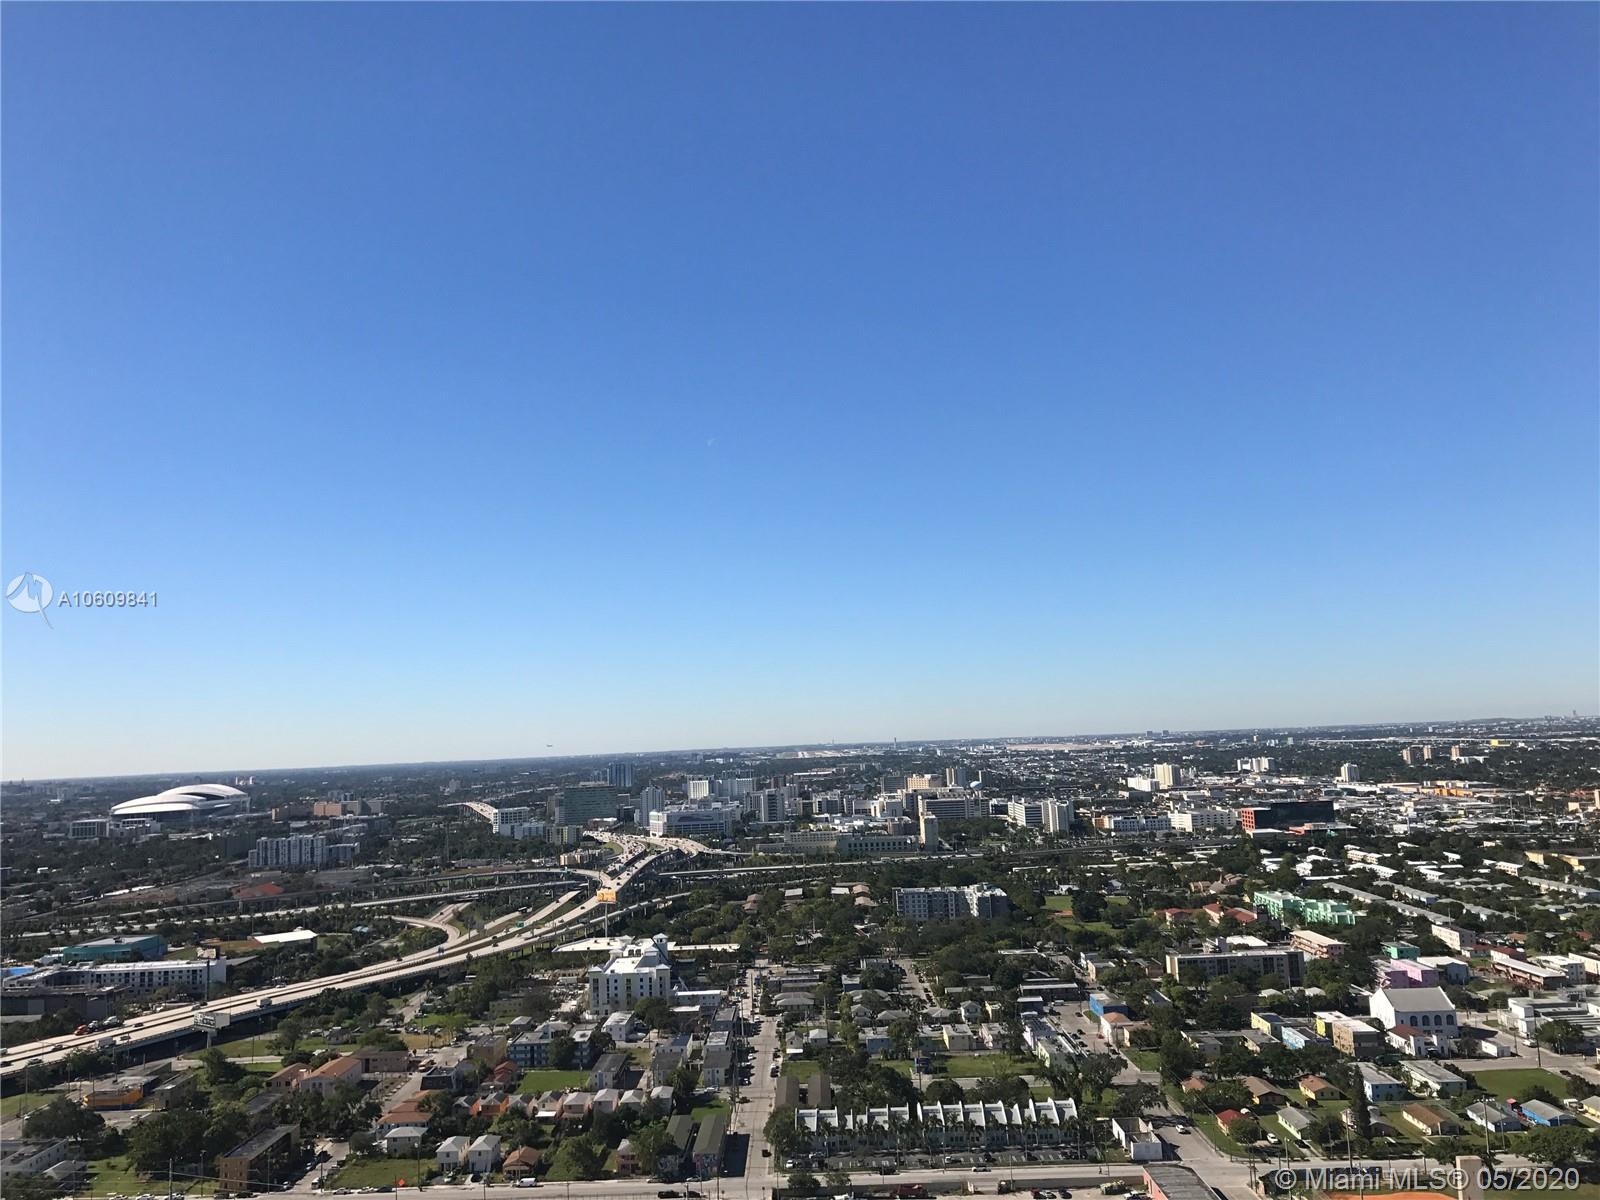 Canvas #3712 - 1600 NE 1ST AVENUE #3712, Miami, FL 33132